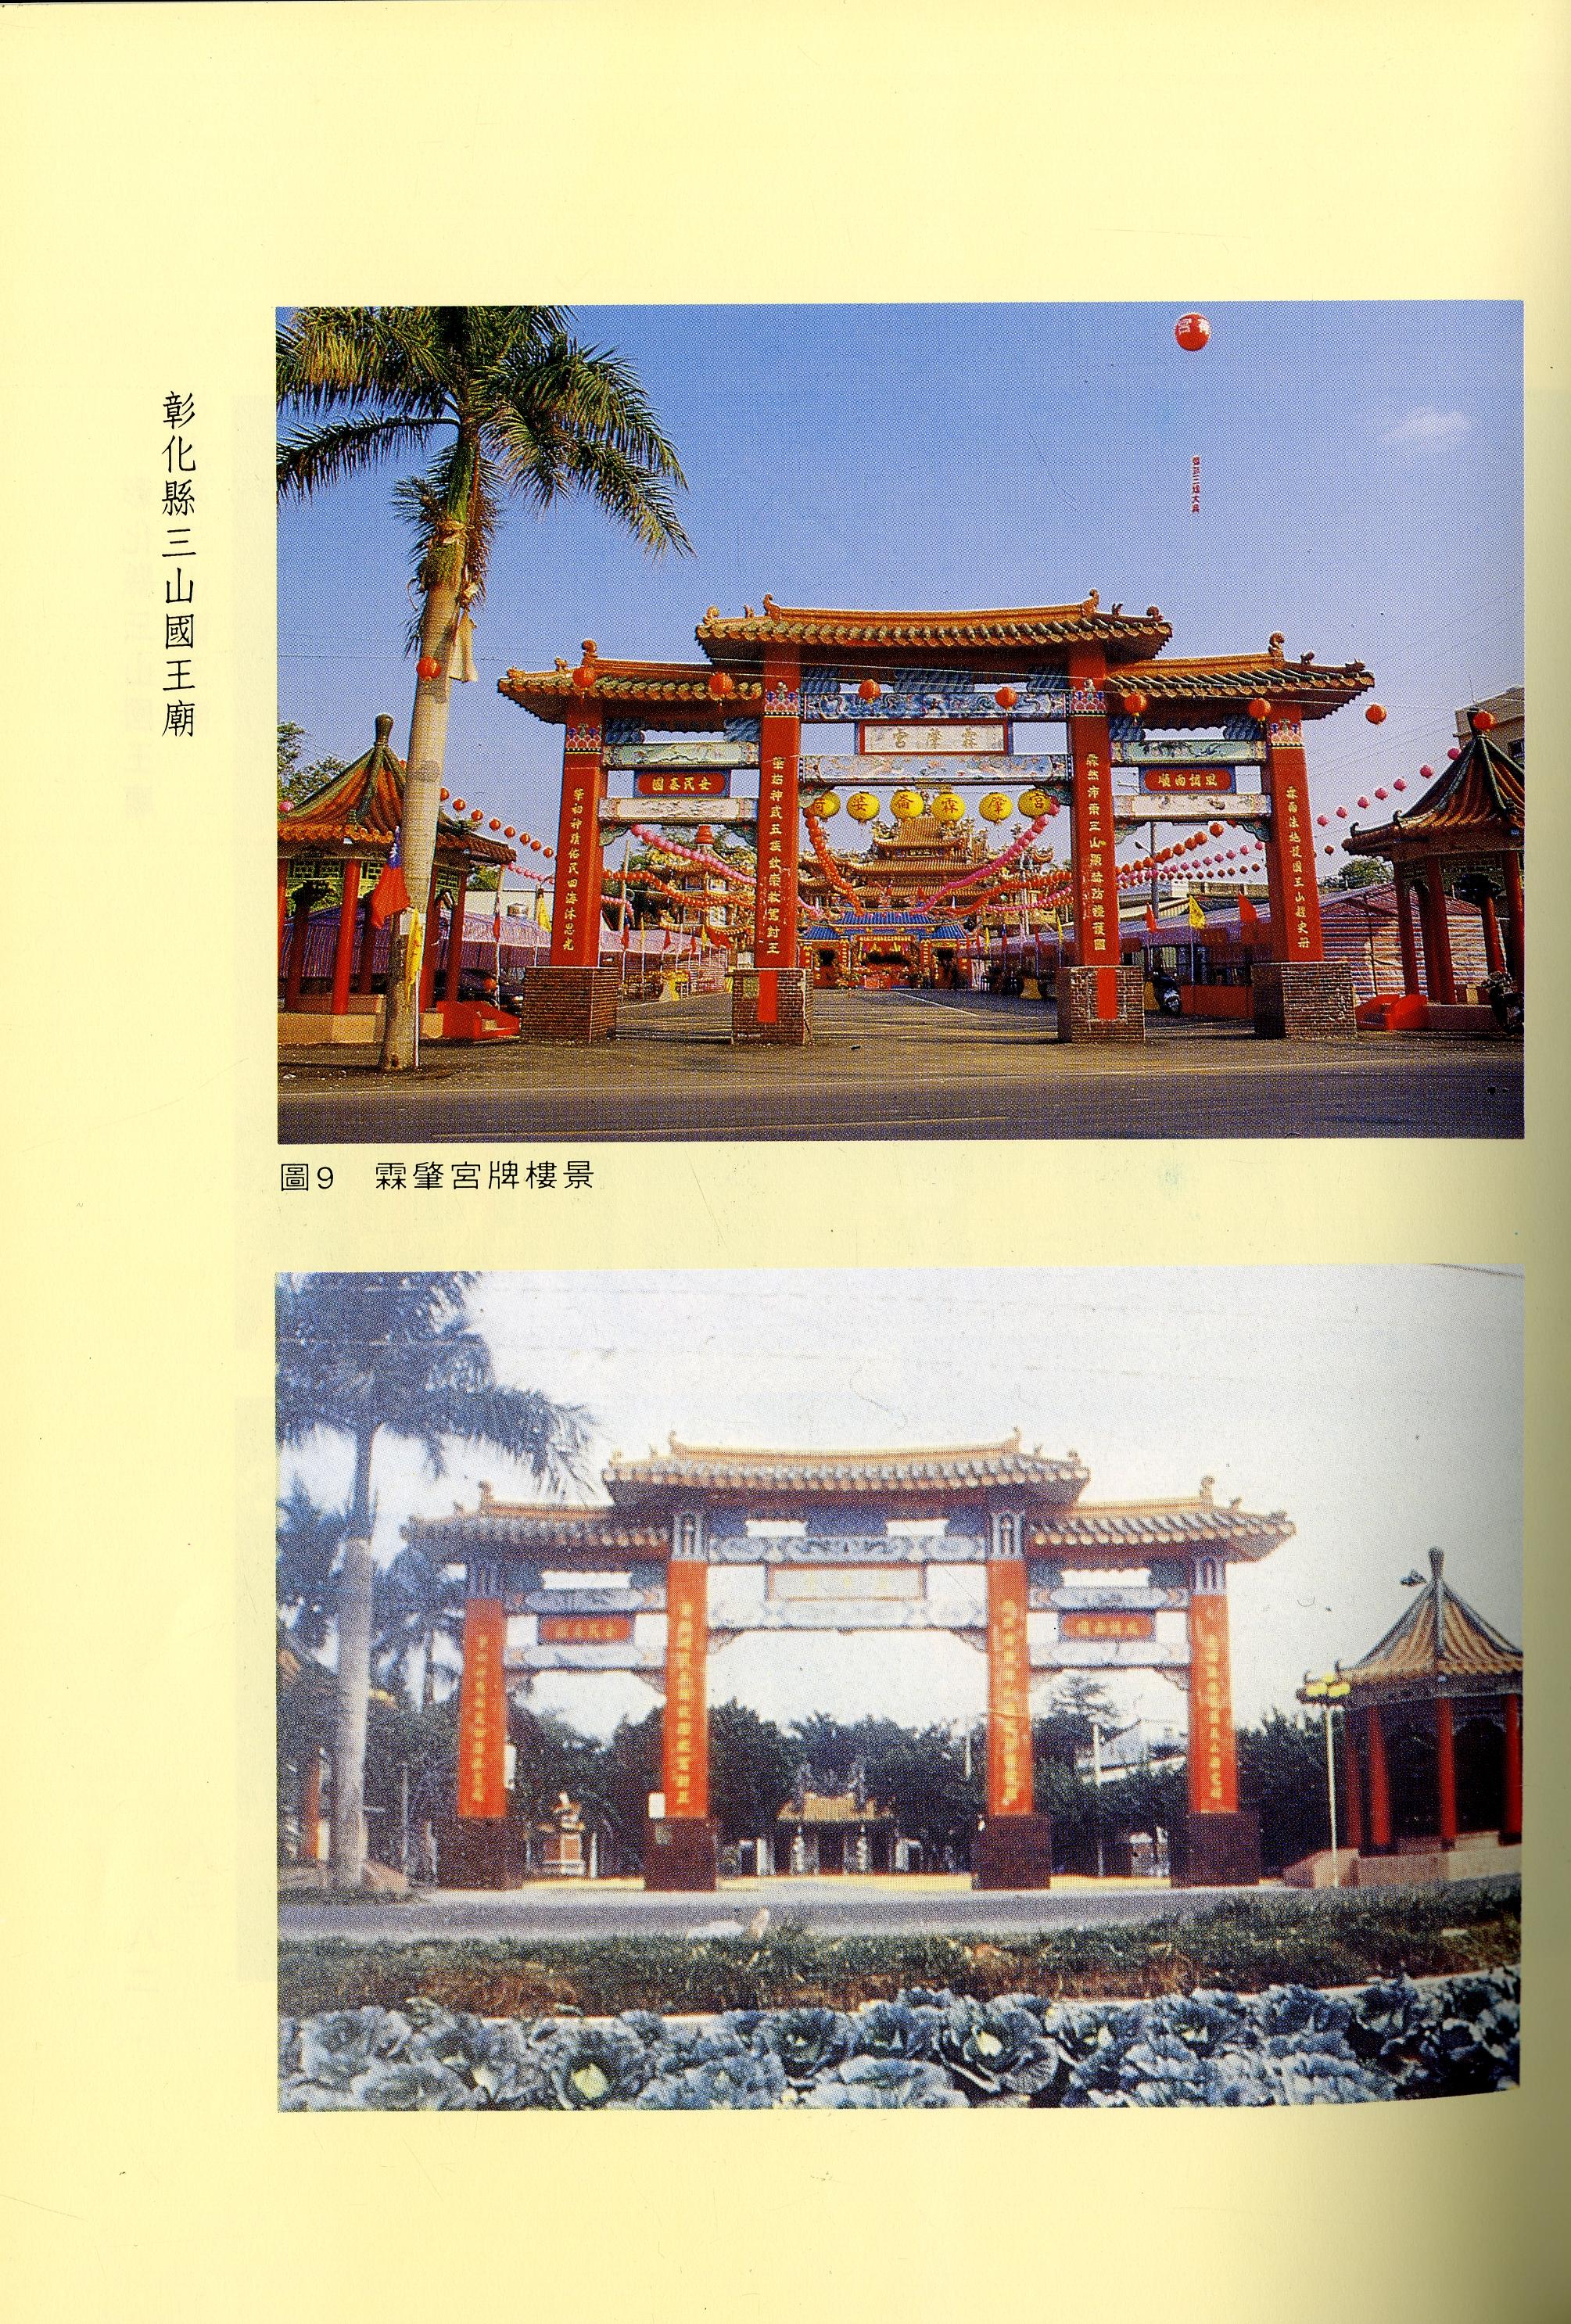 圖3:《彰化縣三山國王廟》內頁2